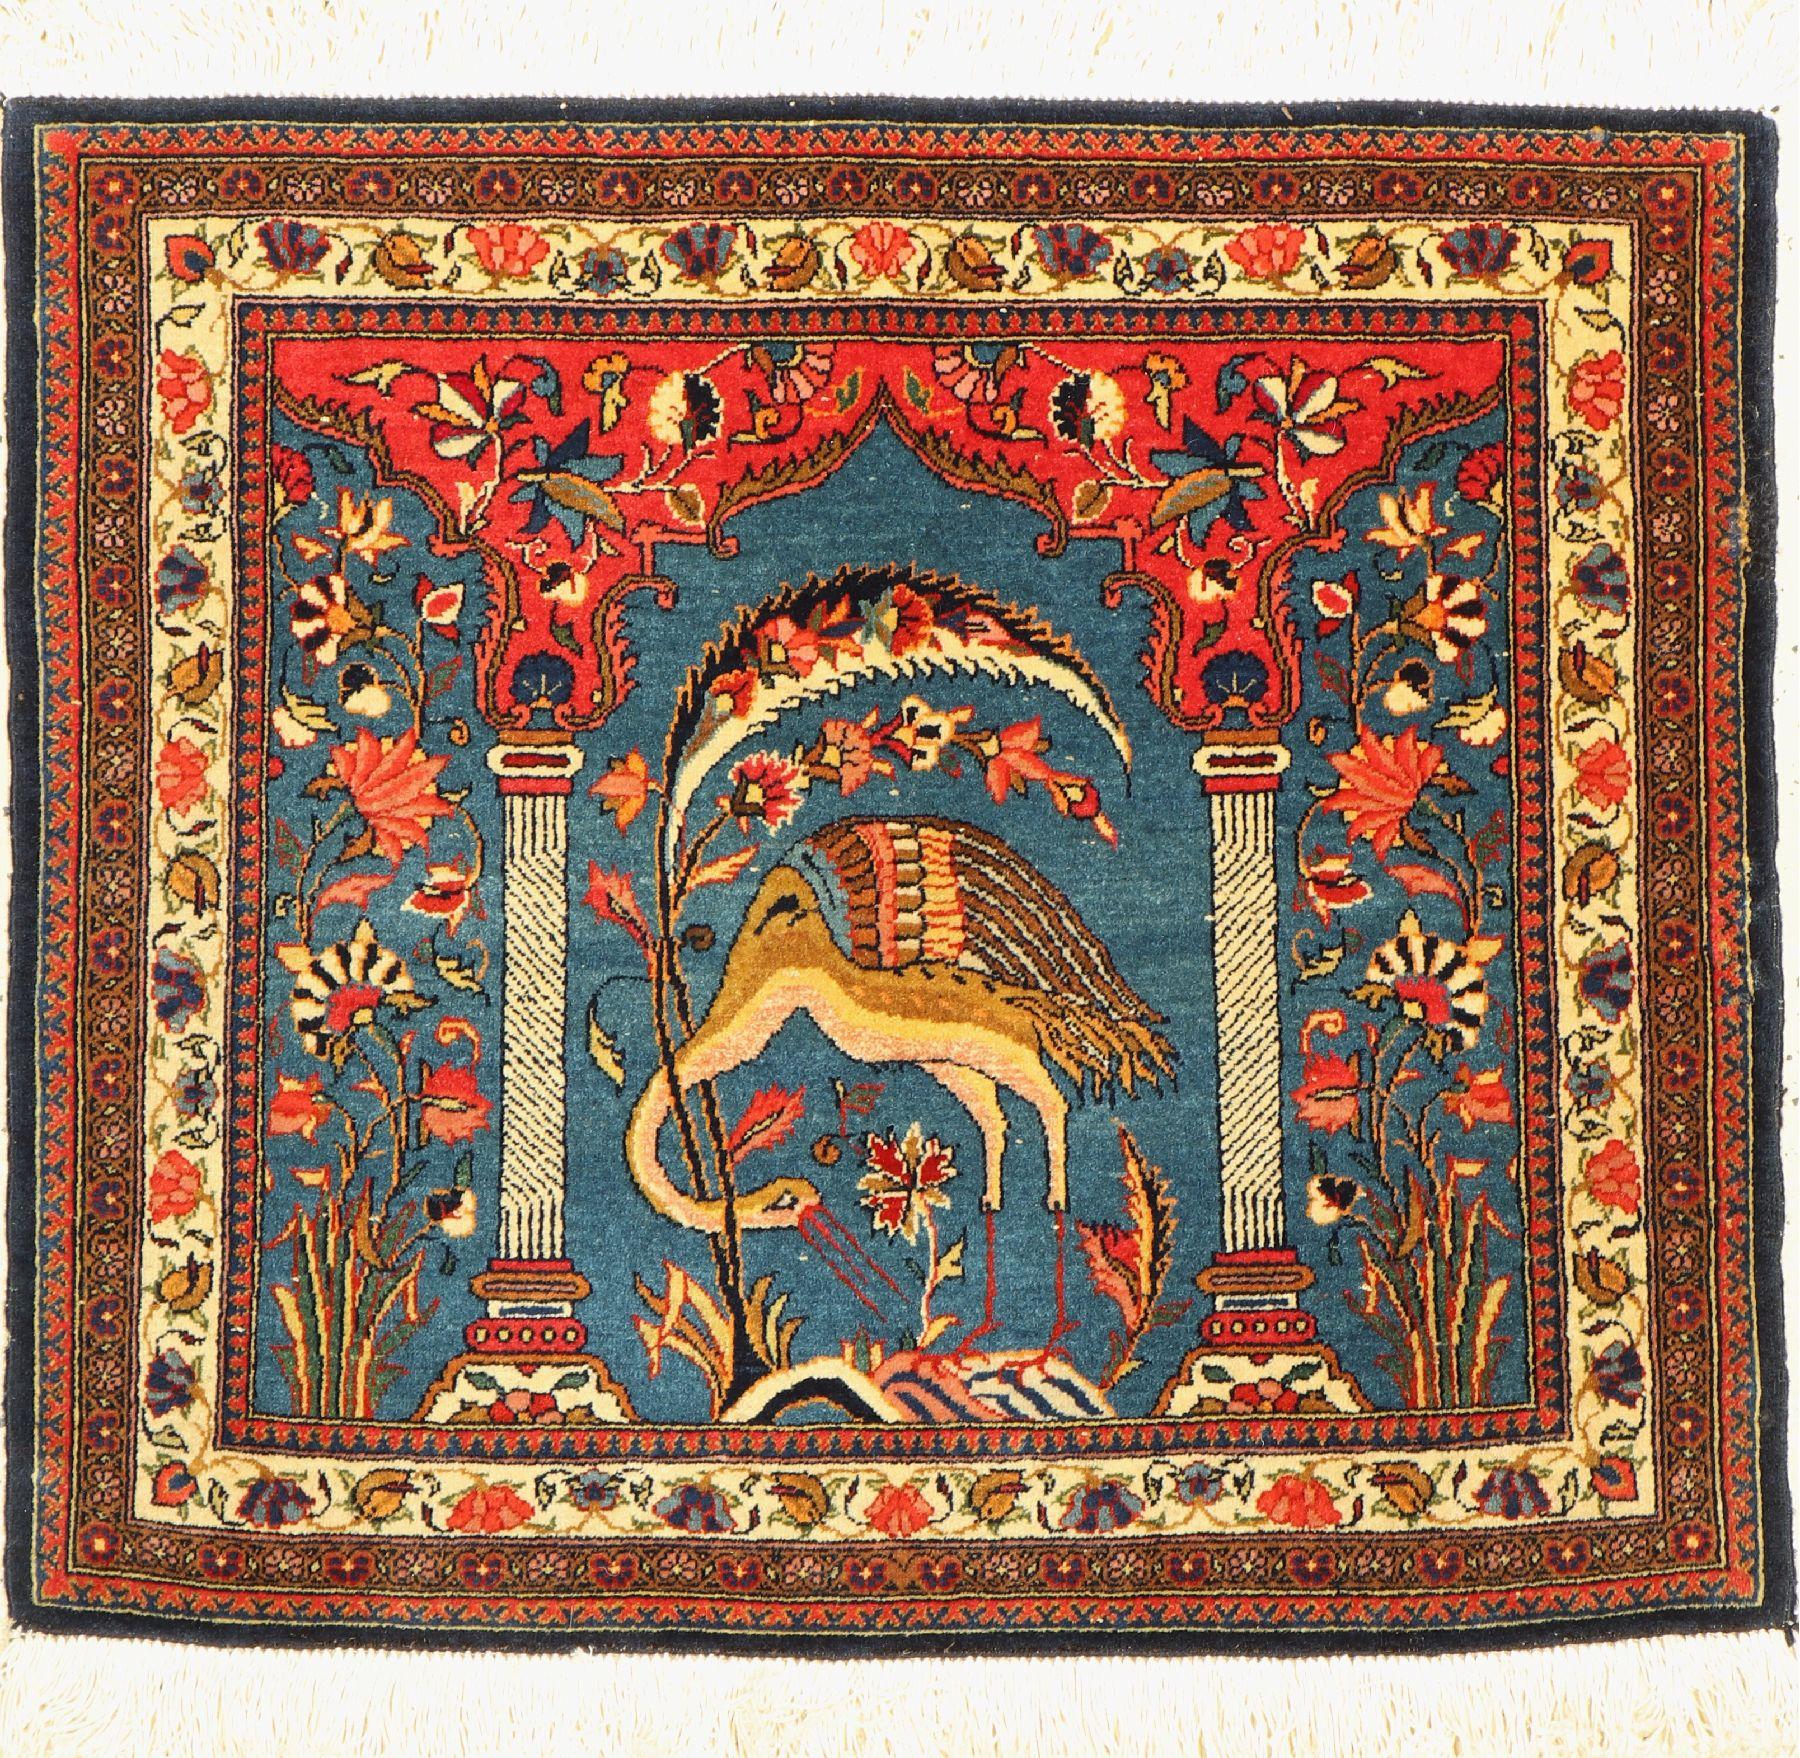 Vente Tapis d'Orient chez Henry's Auktionshaus : 200 lots